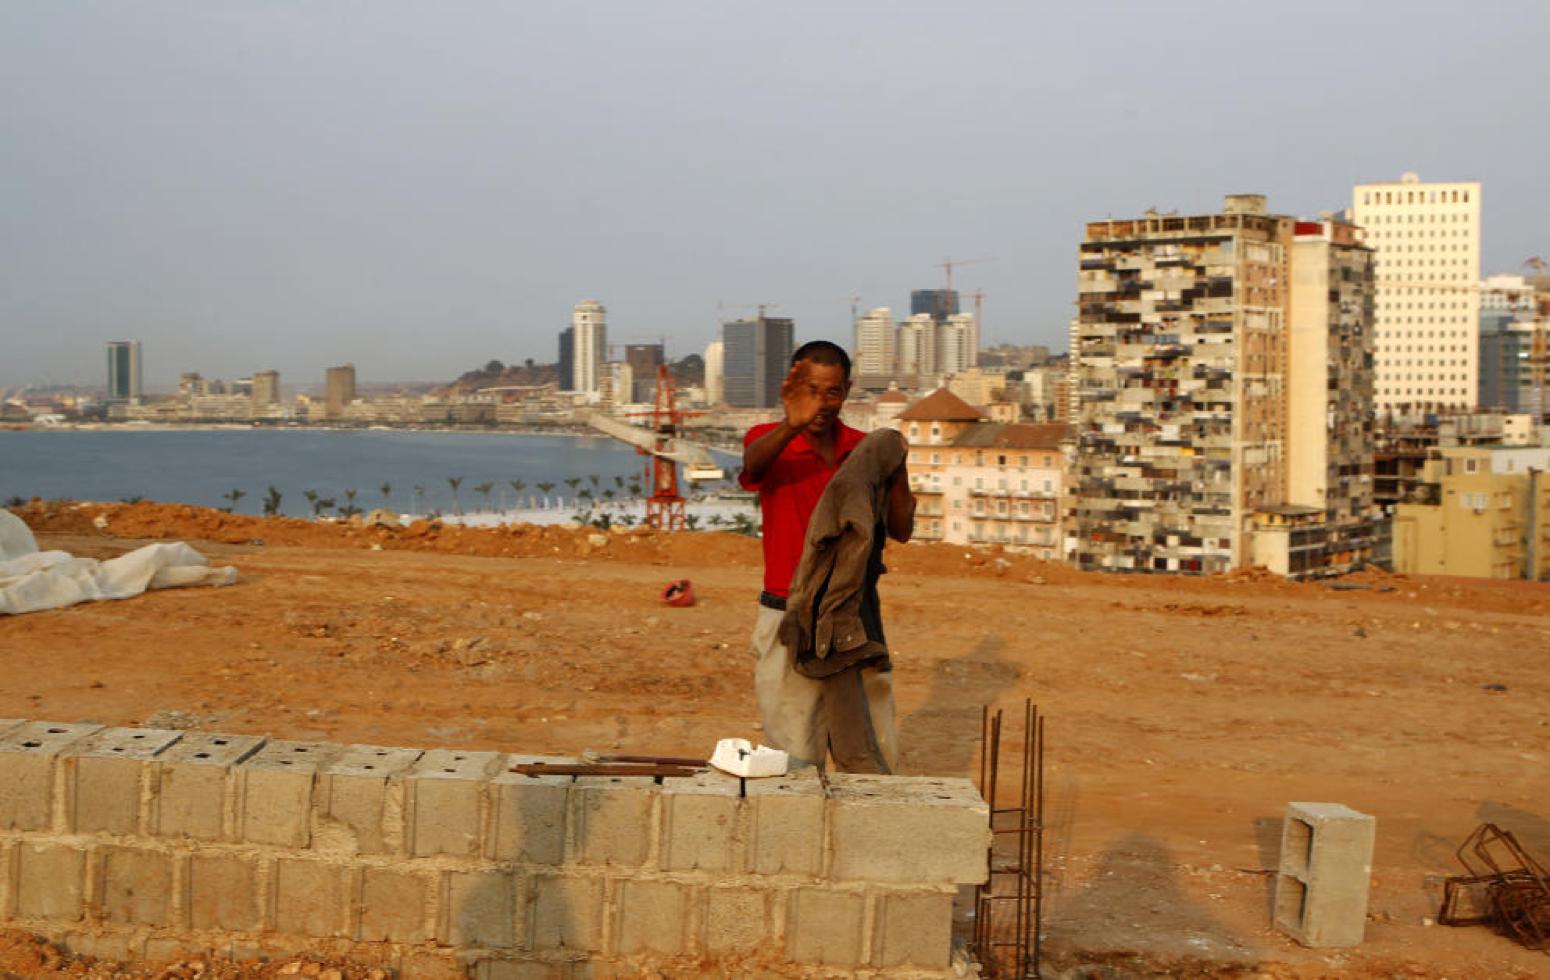 Un obrero de la construcción chino fotografiado en Luanda, capital de Angola, en 2012 (Reuters).